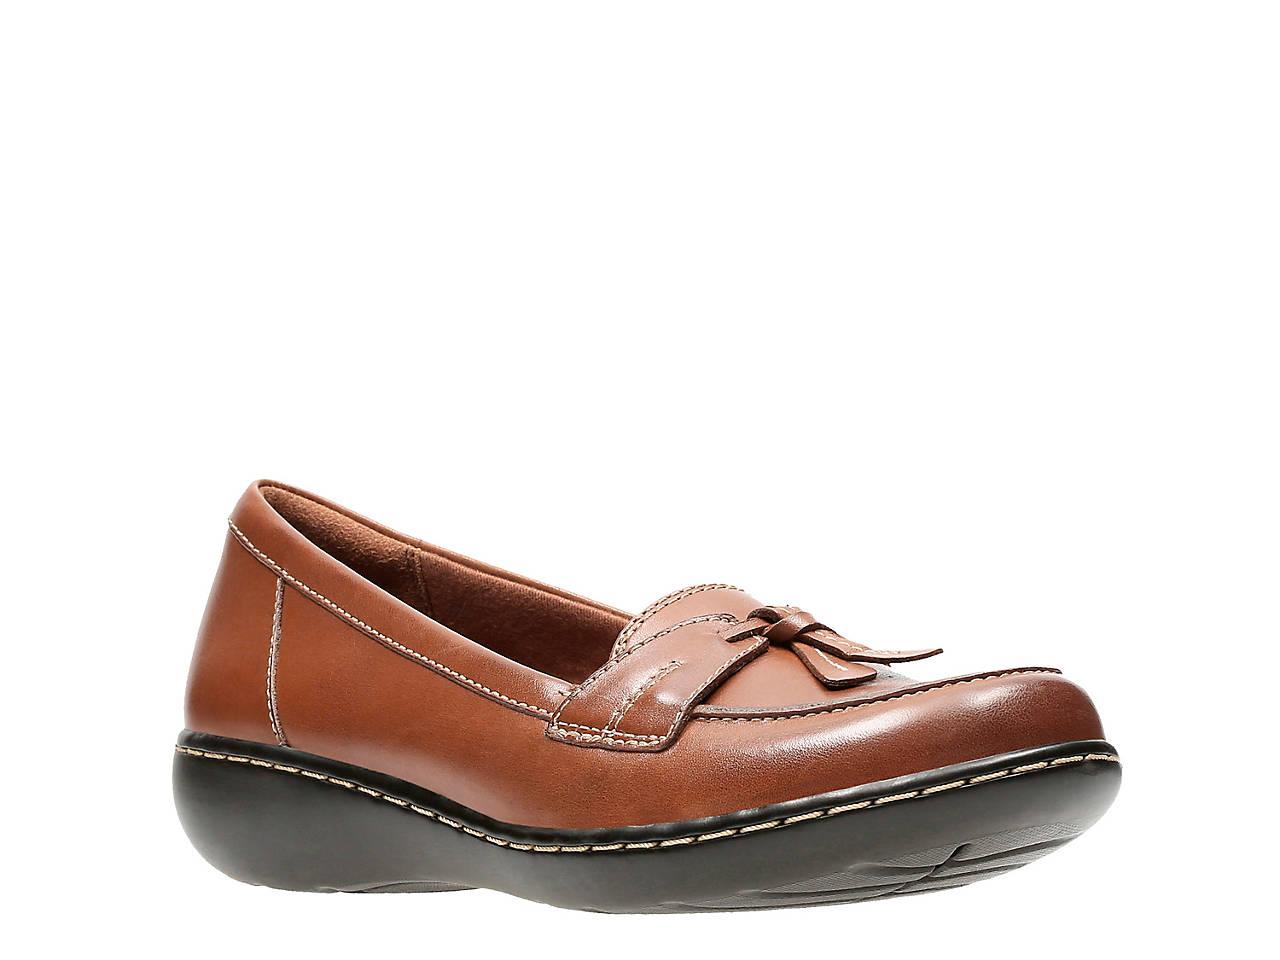 496d3b16e25 Clarks Ashland Bubble Loafer Women s Shoes